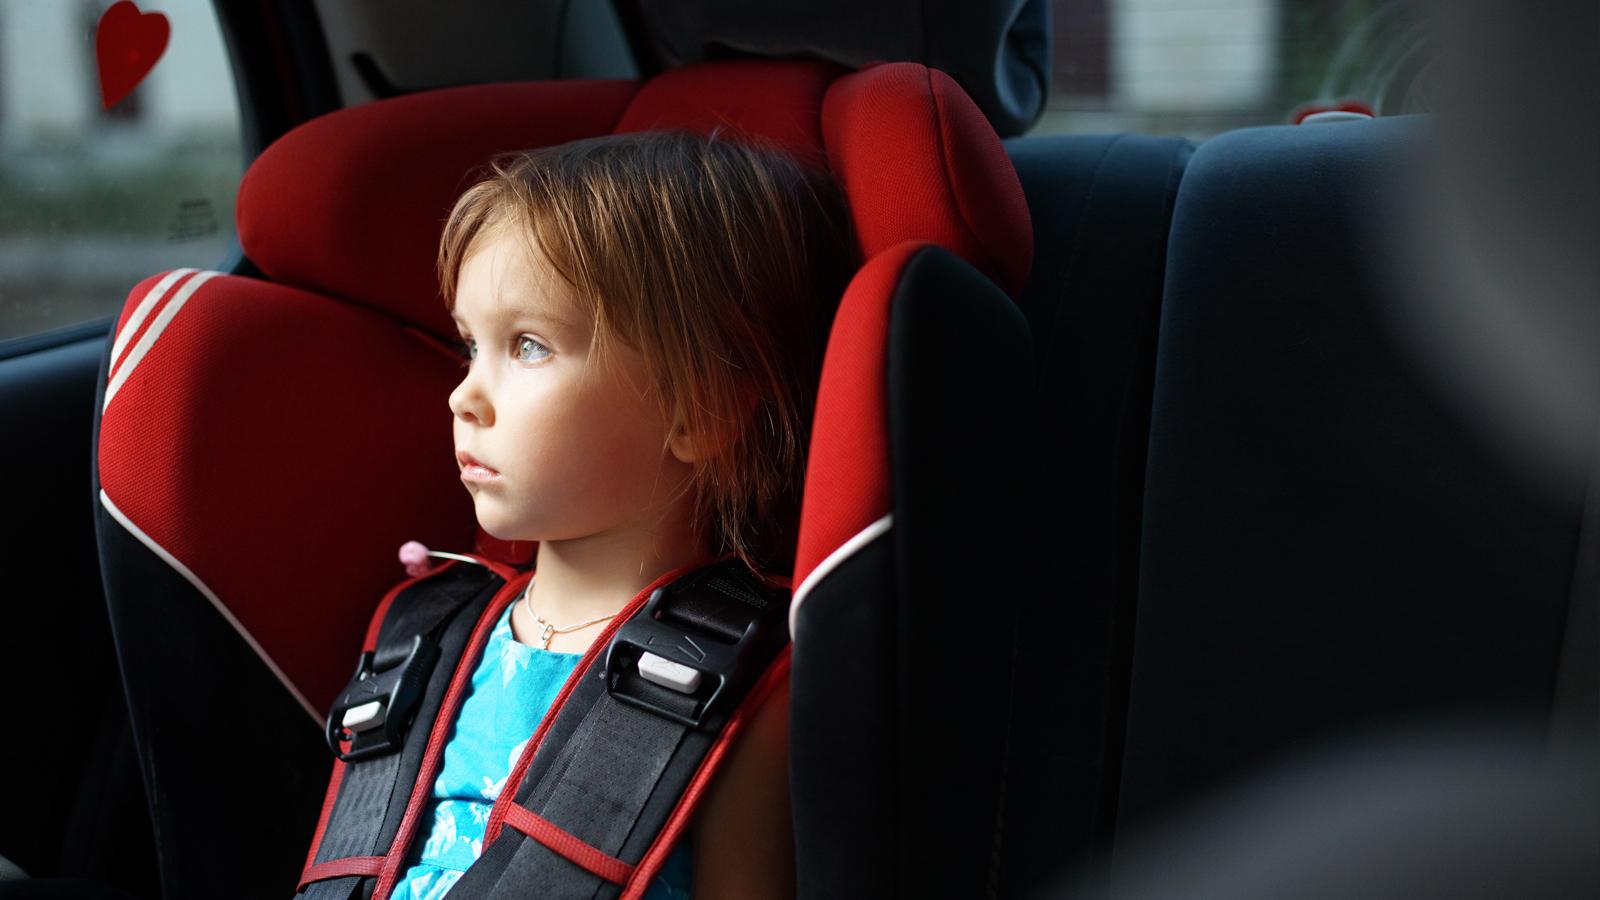 fdf96c3aa8 Seggiolini per auto: stop alle alzatine fino a 125 cm di altezza del bambino